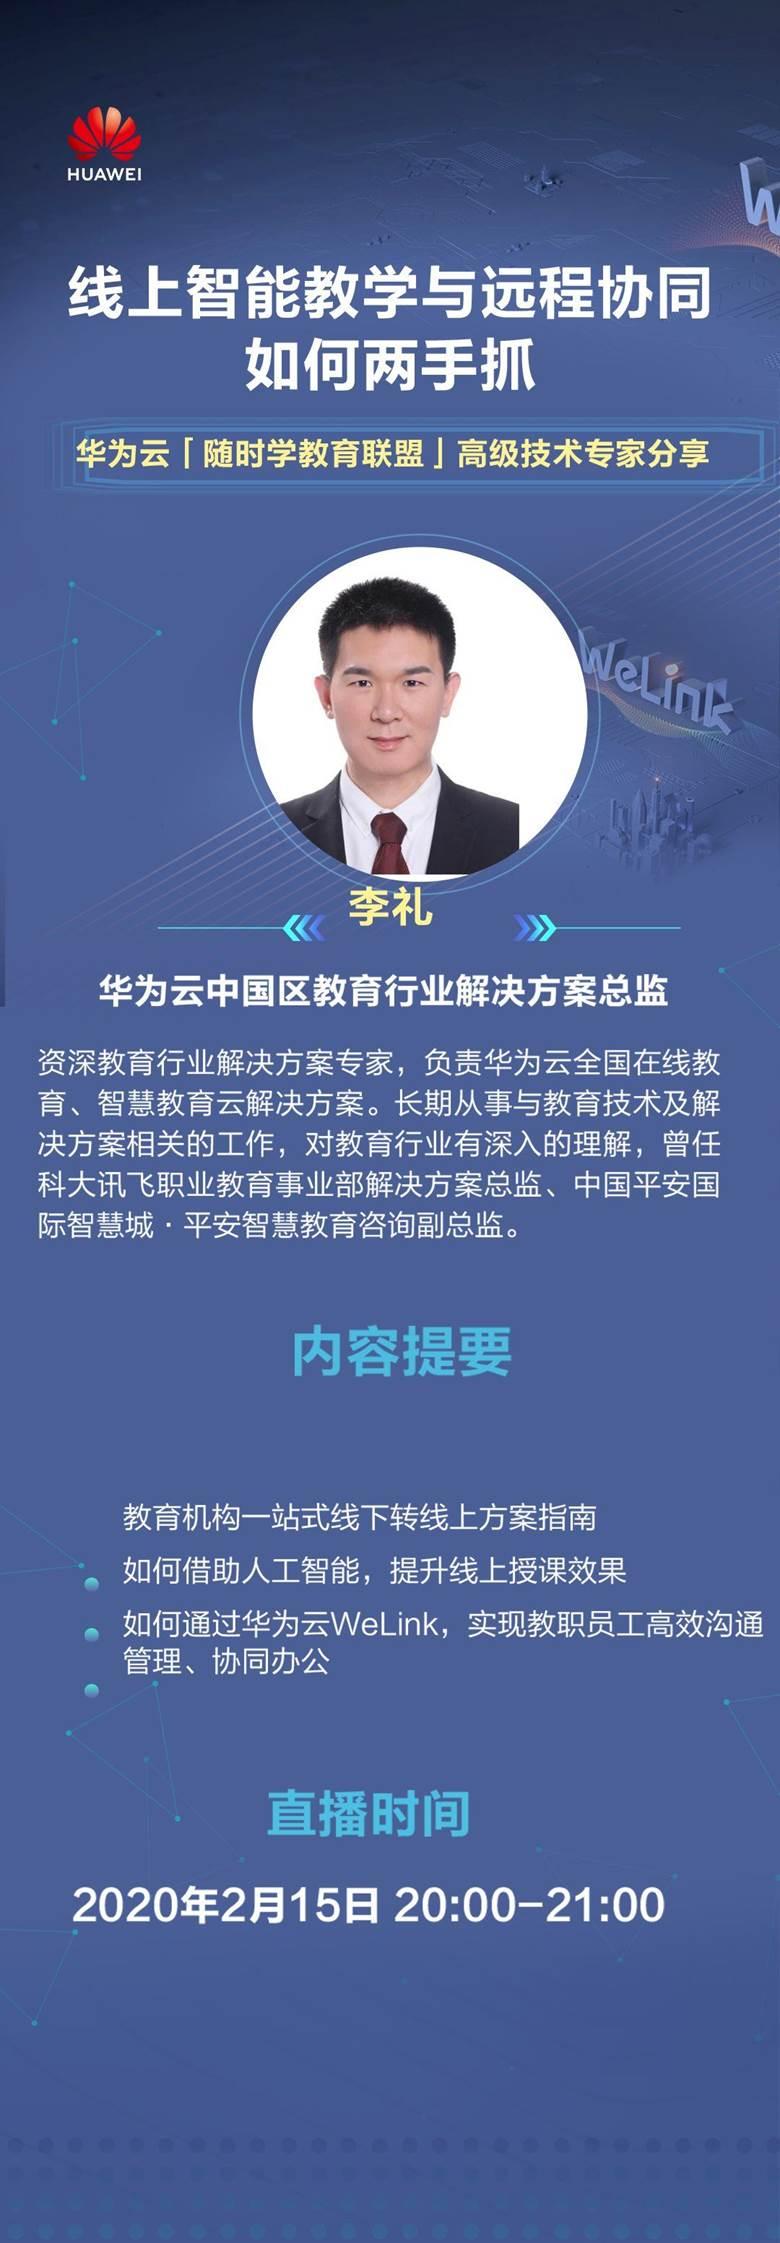 教育行业线上直播海报-活动行.png